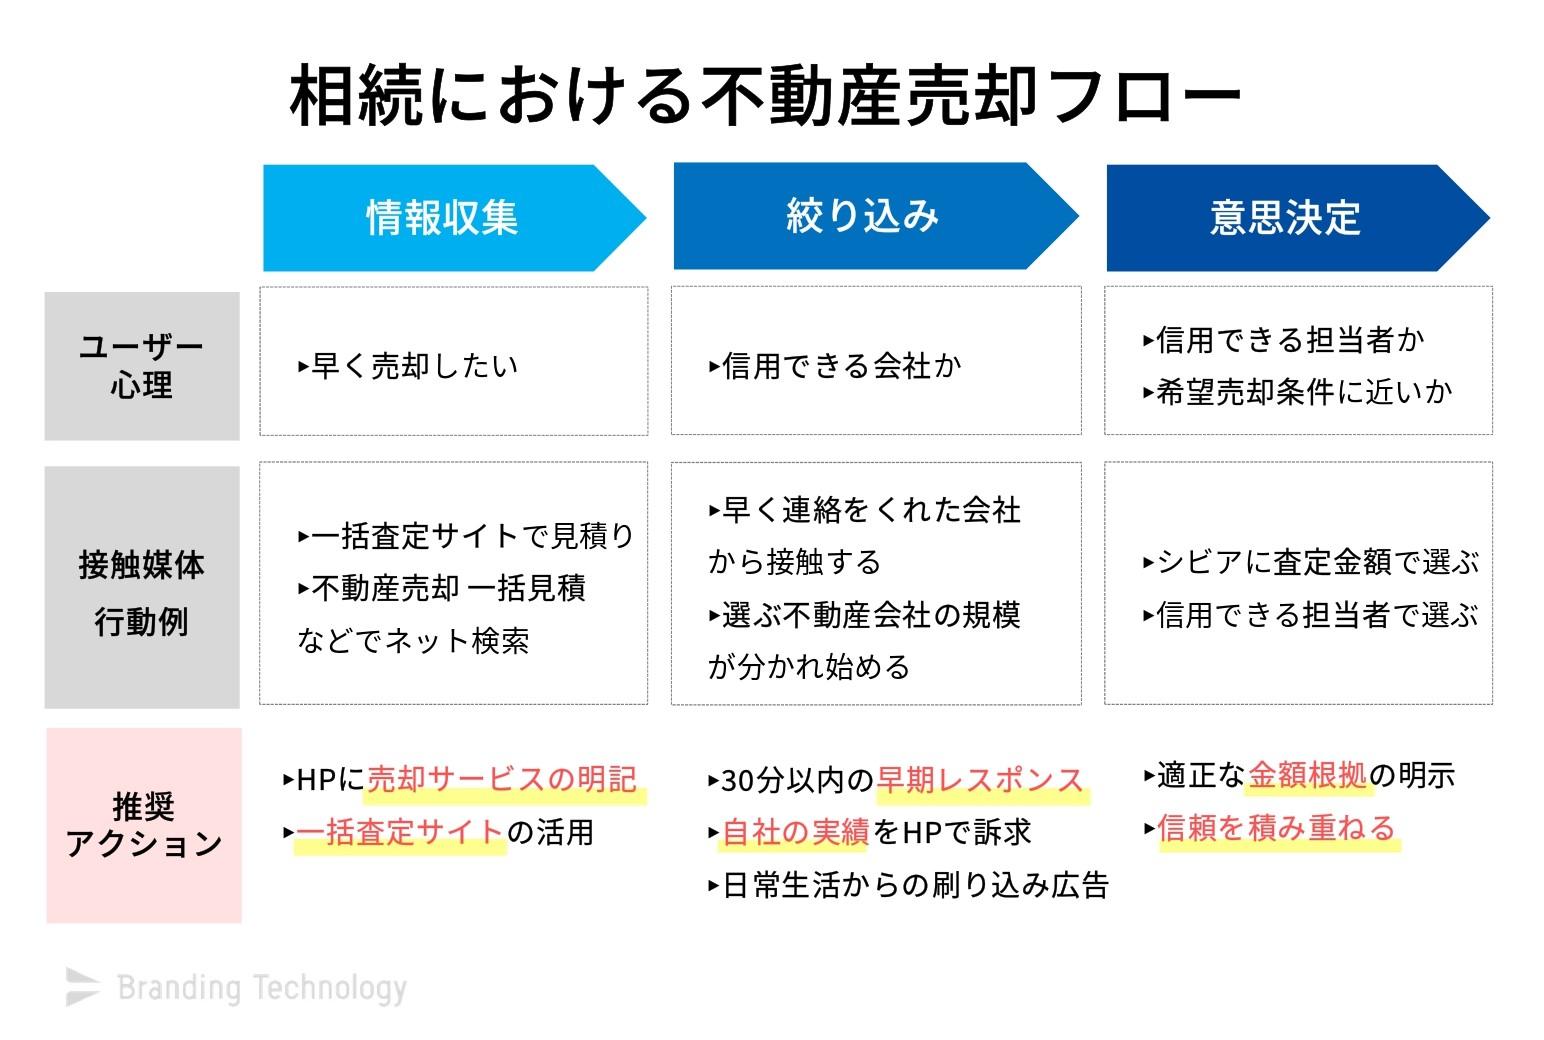 相続における不動産売却フロー